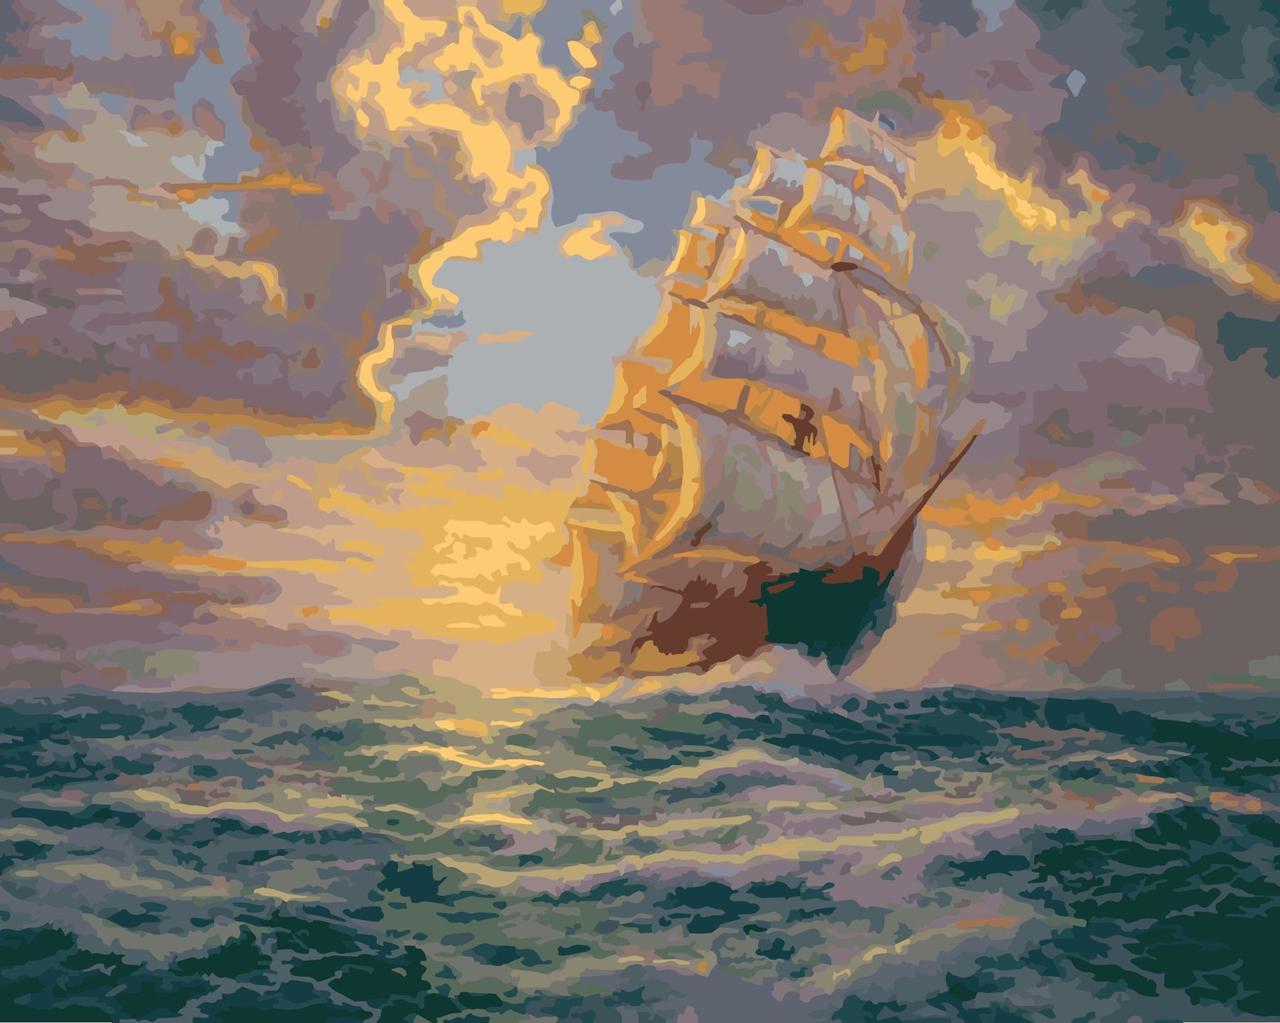 КНО2715 Раскраска по номерам Рассвет под парусами, Без коробки